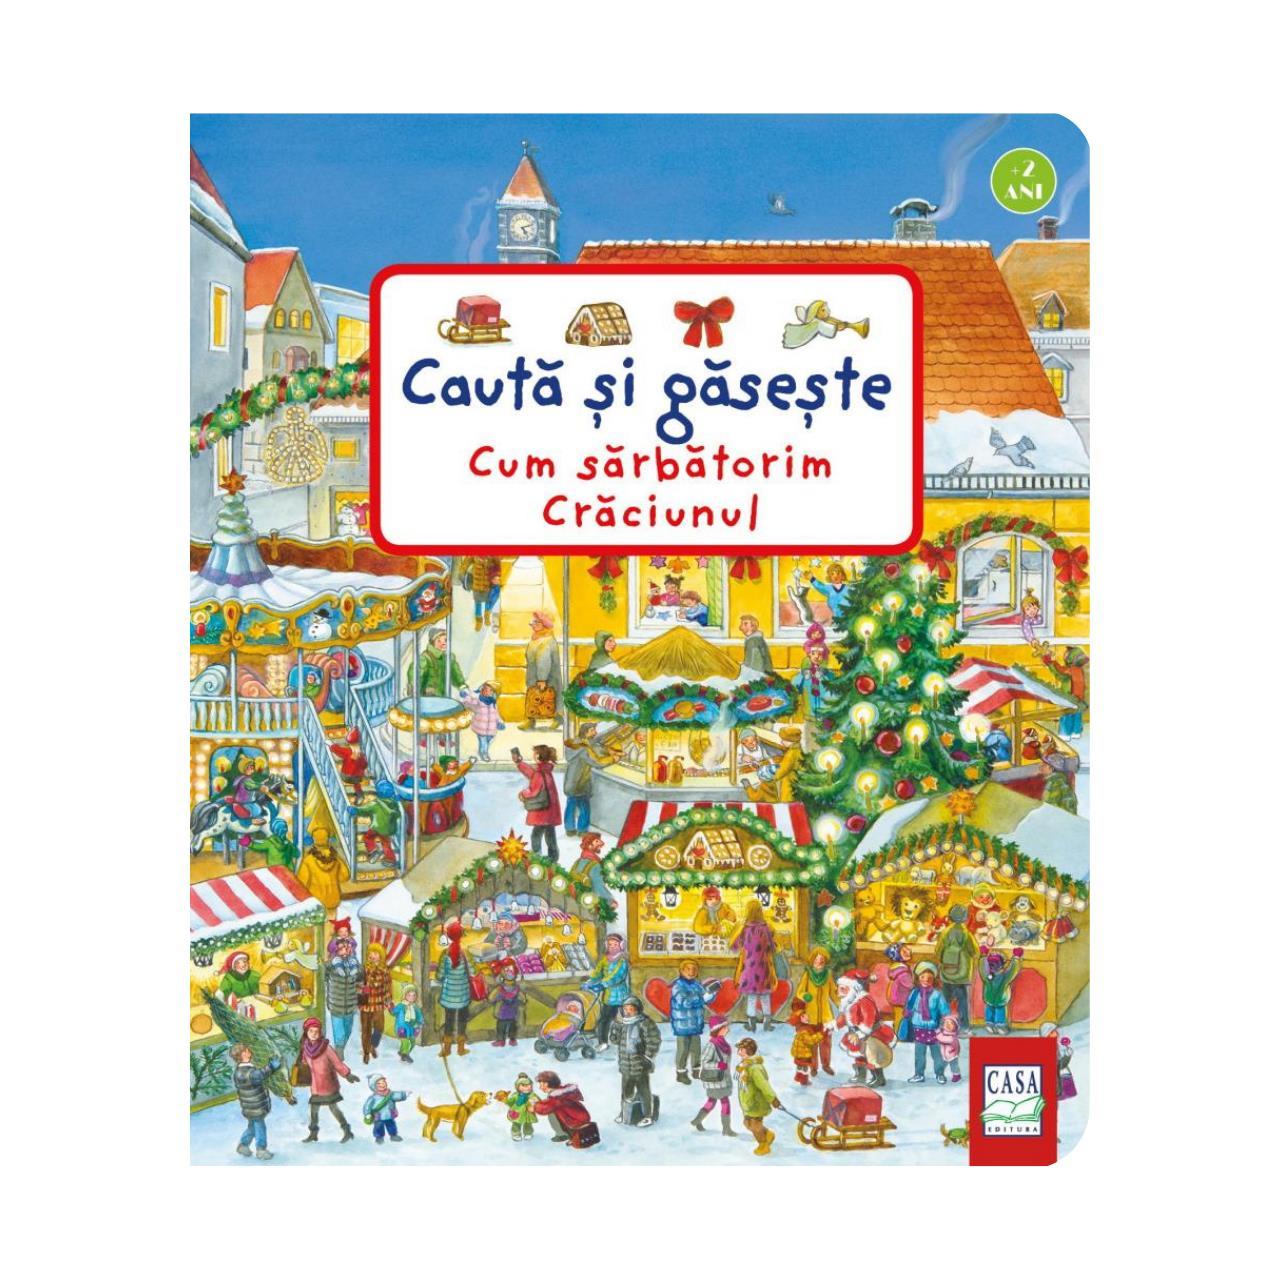 Cum sărbătorim Crăciunul - Caută și găsește imagine edituracasa.ro